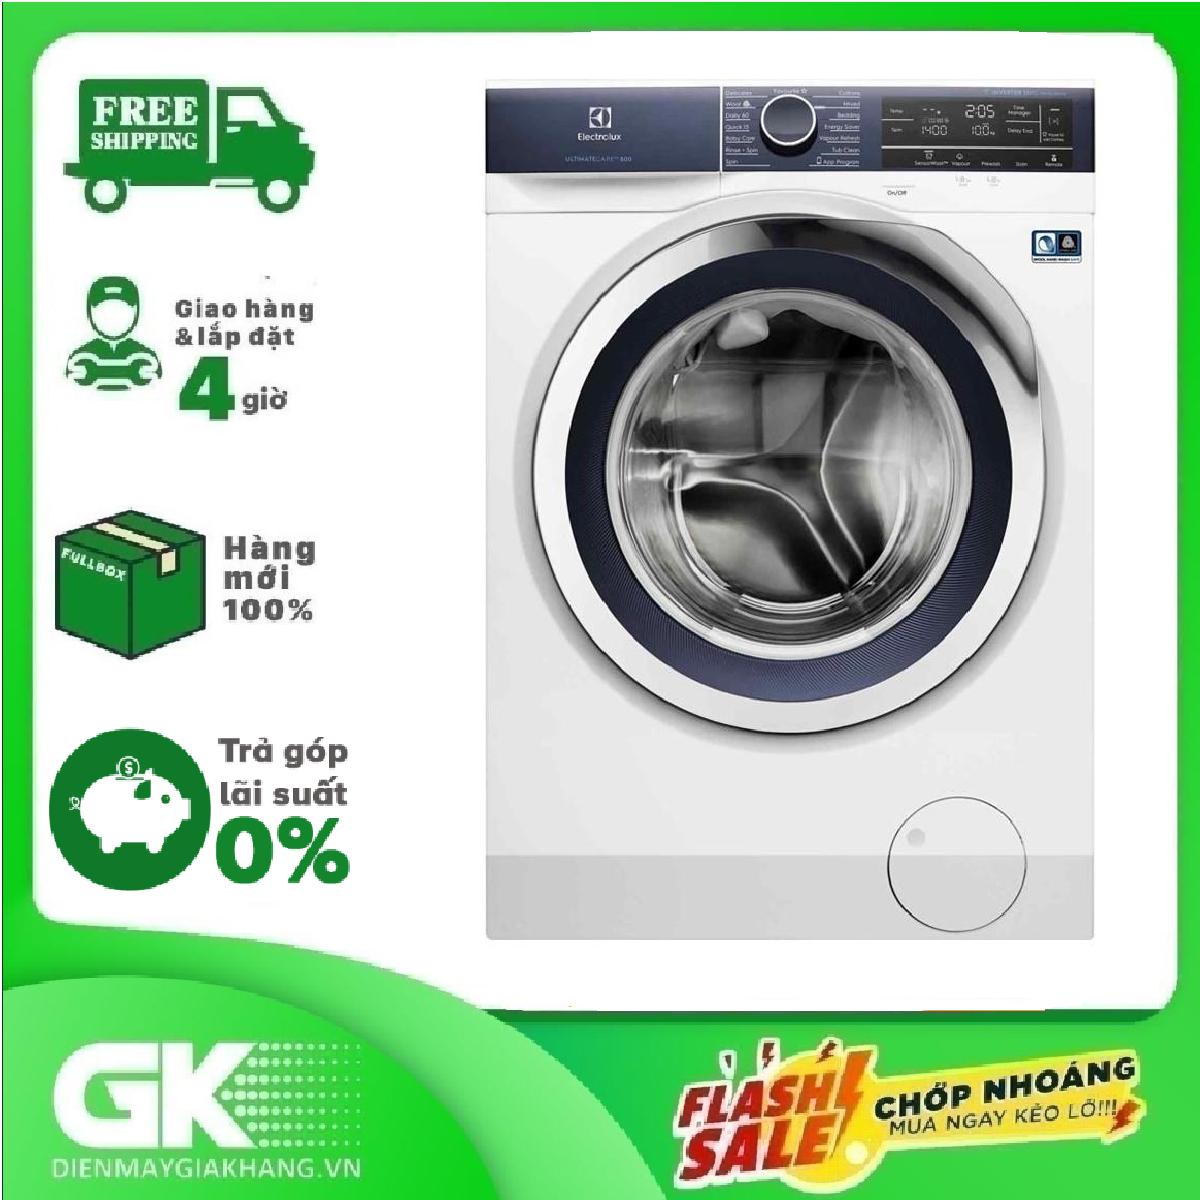 TRẢ GÓP 0% - Máy Giặt Electrolux 10.0 Kg EWF1042BDWA- Bảo hành 2 năm